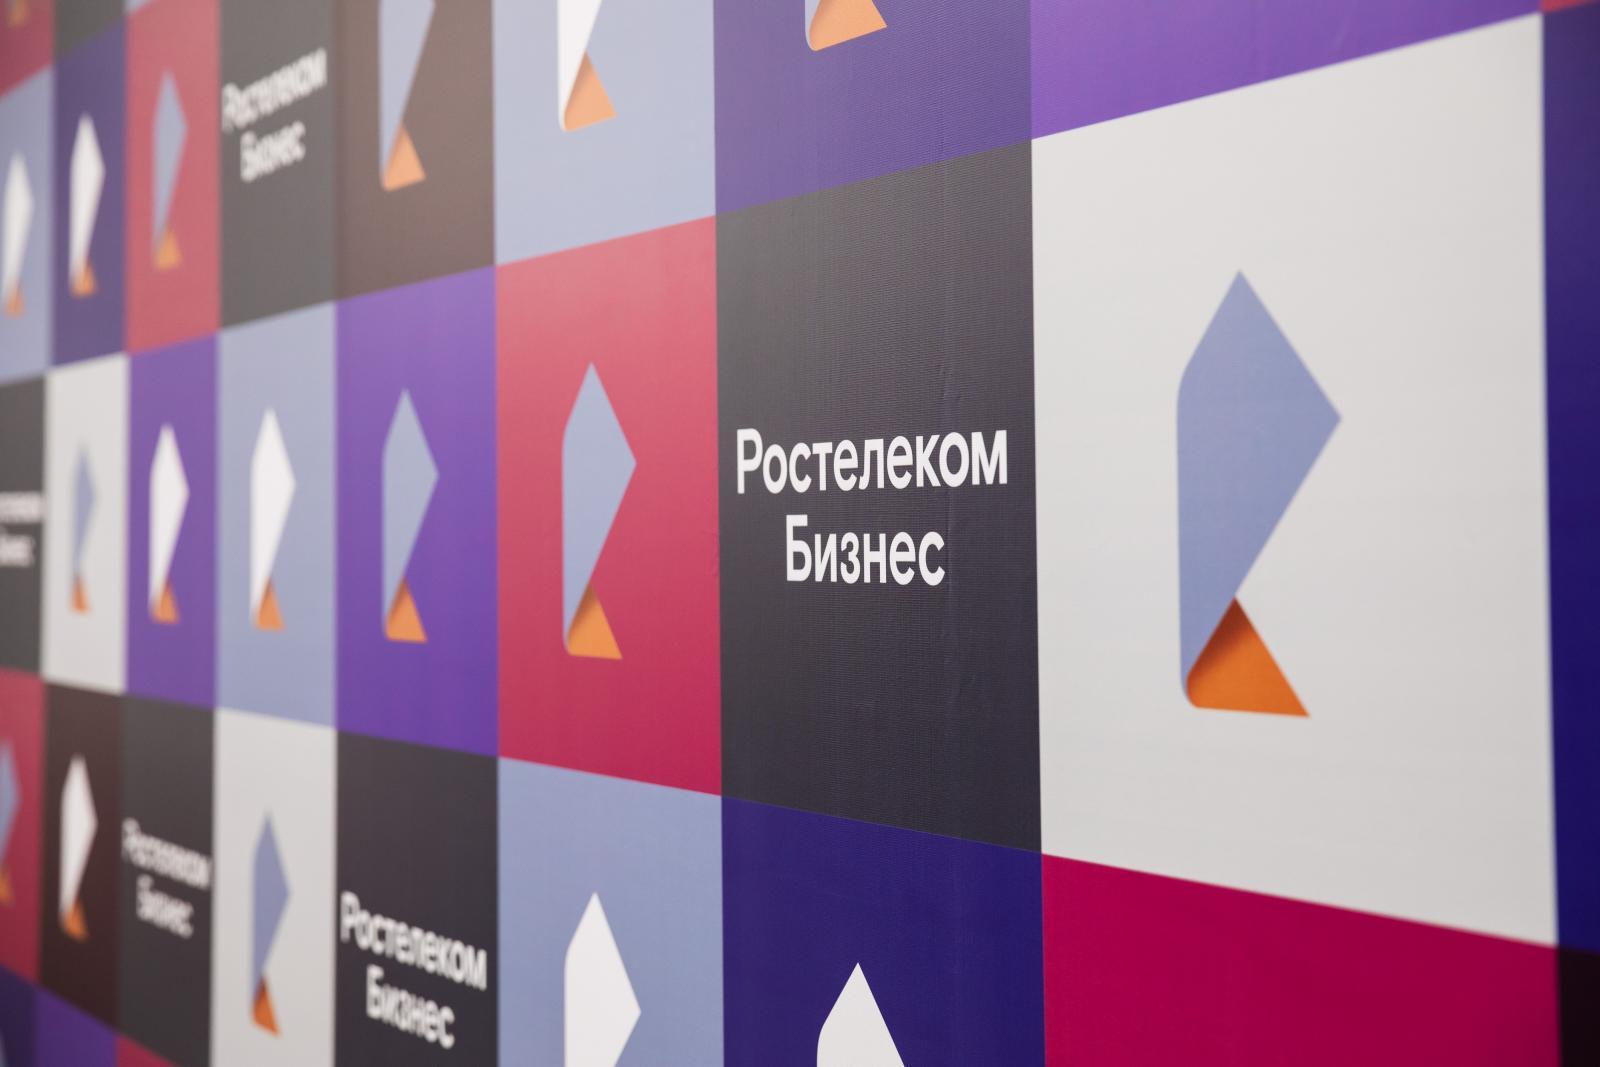 «Ростелеком» обеспечил цифровыми сервисами более 30 офисов ООО «Газпром энергосбыт Брянск»